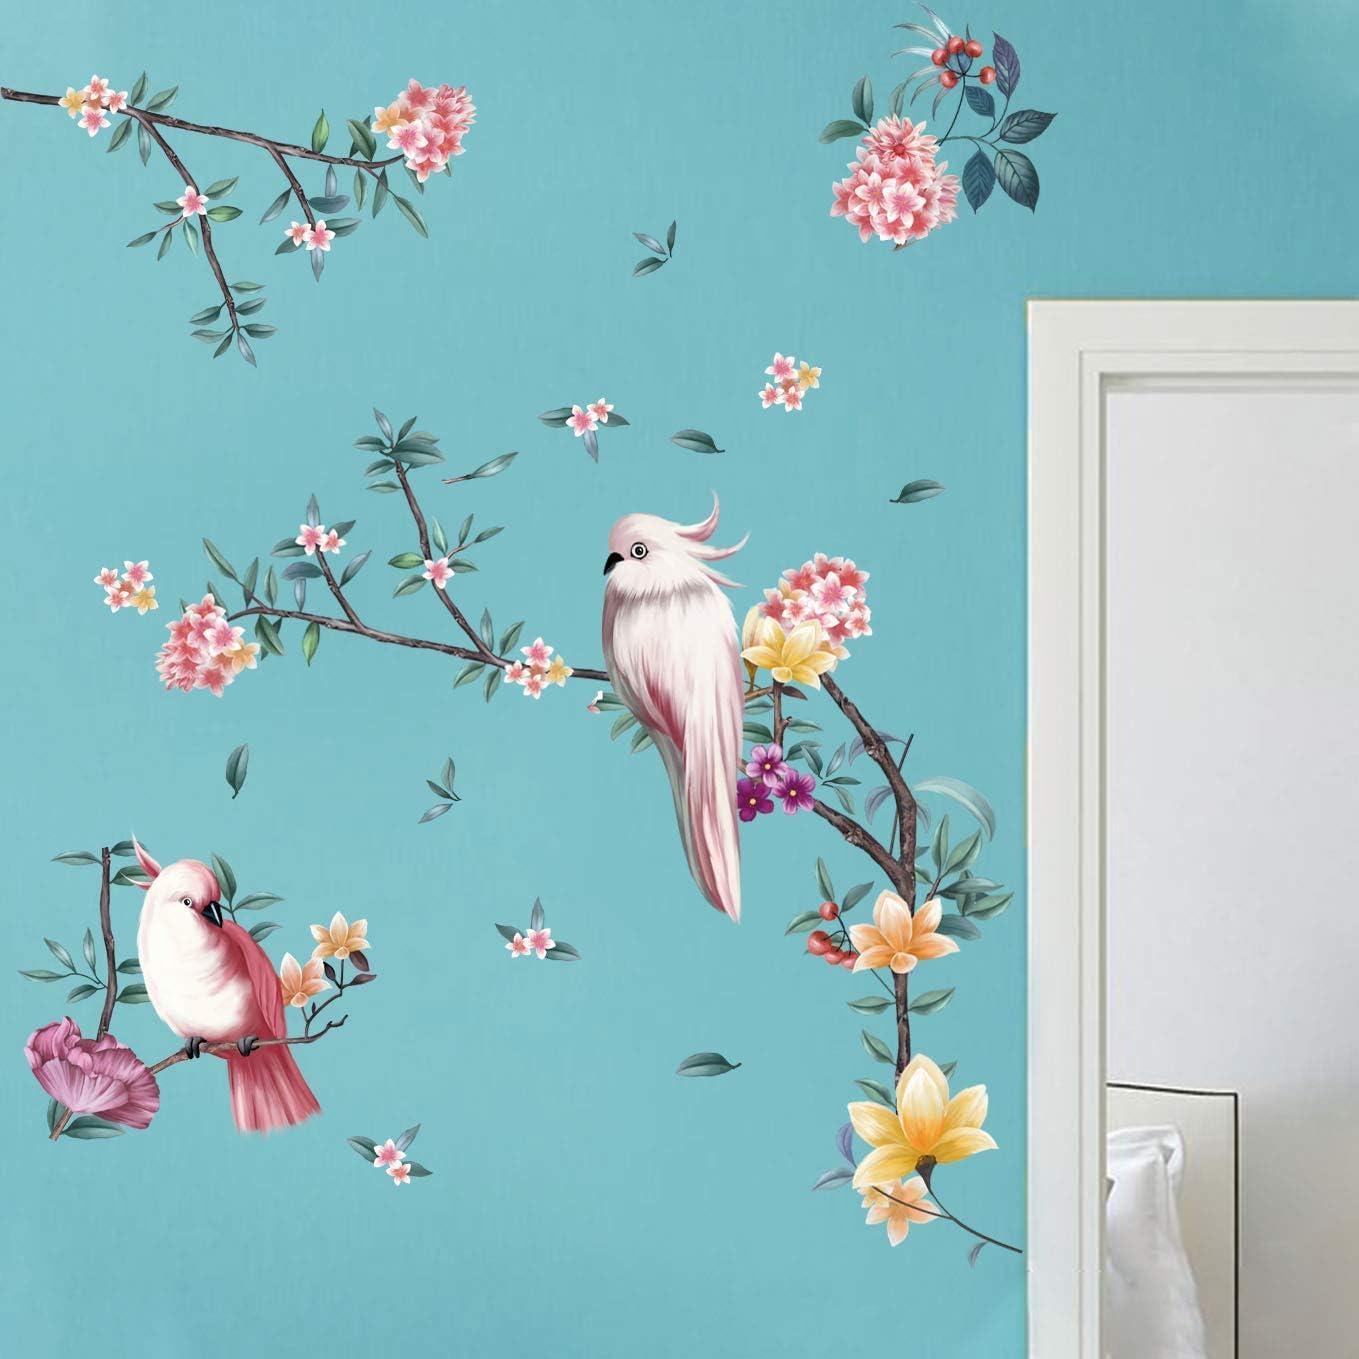 decalmile Pegatinas de Pared Ramas y Pájaros Vinilos Decorativos Flores de Acuarela Adhesivos Pared Salón Dormitorio Oficina Habitación Niña